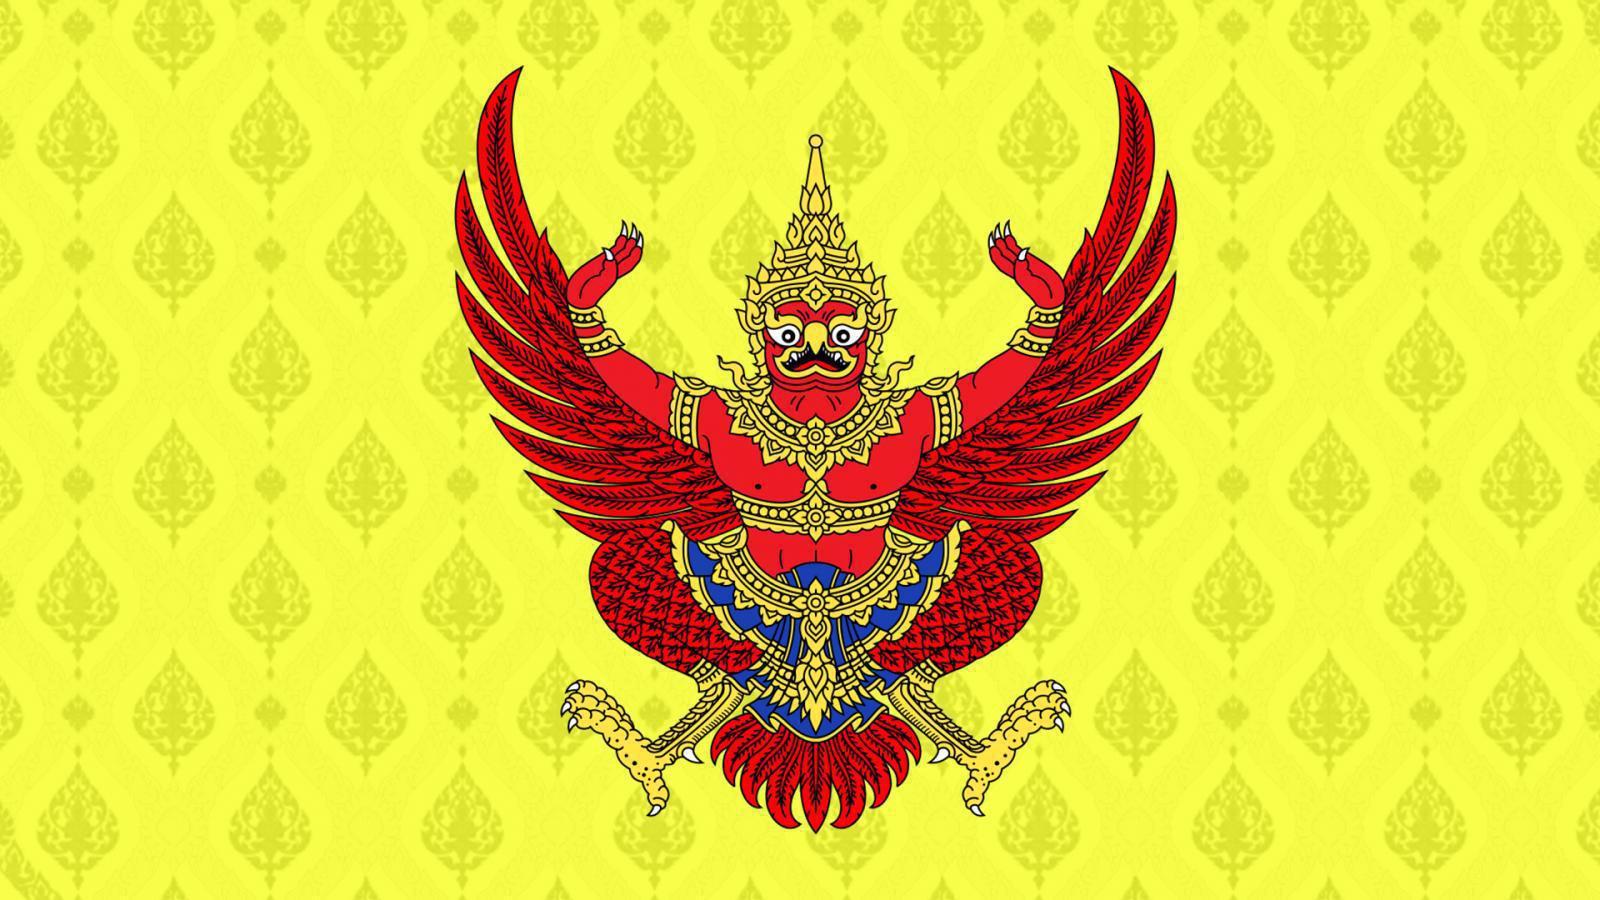 """ราชกิจจาฯ เผยแพร่คำสั่งศาลฎีกา ยกฟ้อง """"ทักษิณ"""" คดีกรุงไทย"""